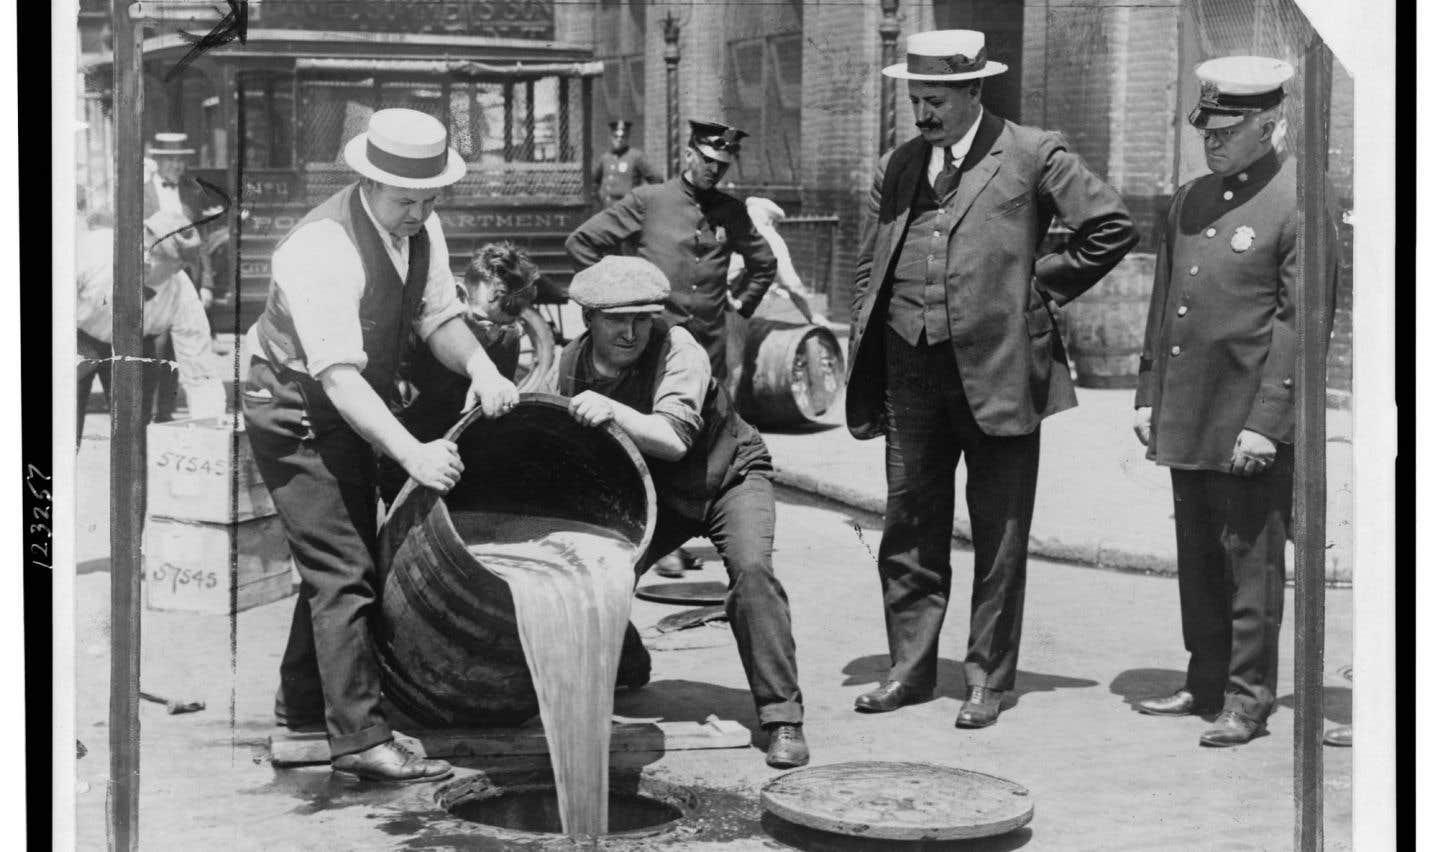 Un tonneau d'alcool est jeté aux égouts durant la prohibition.